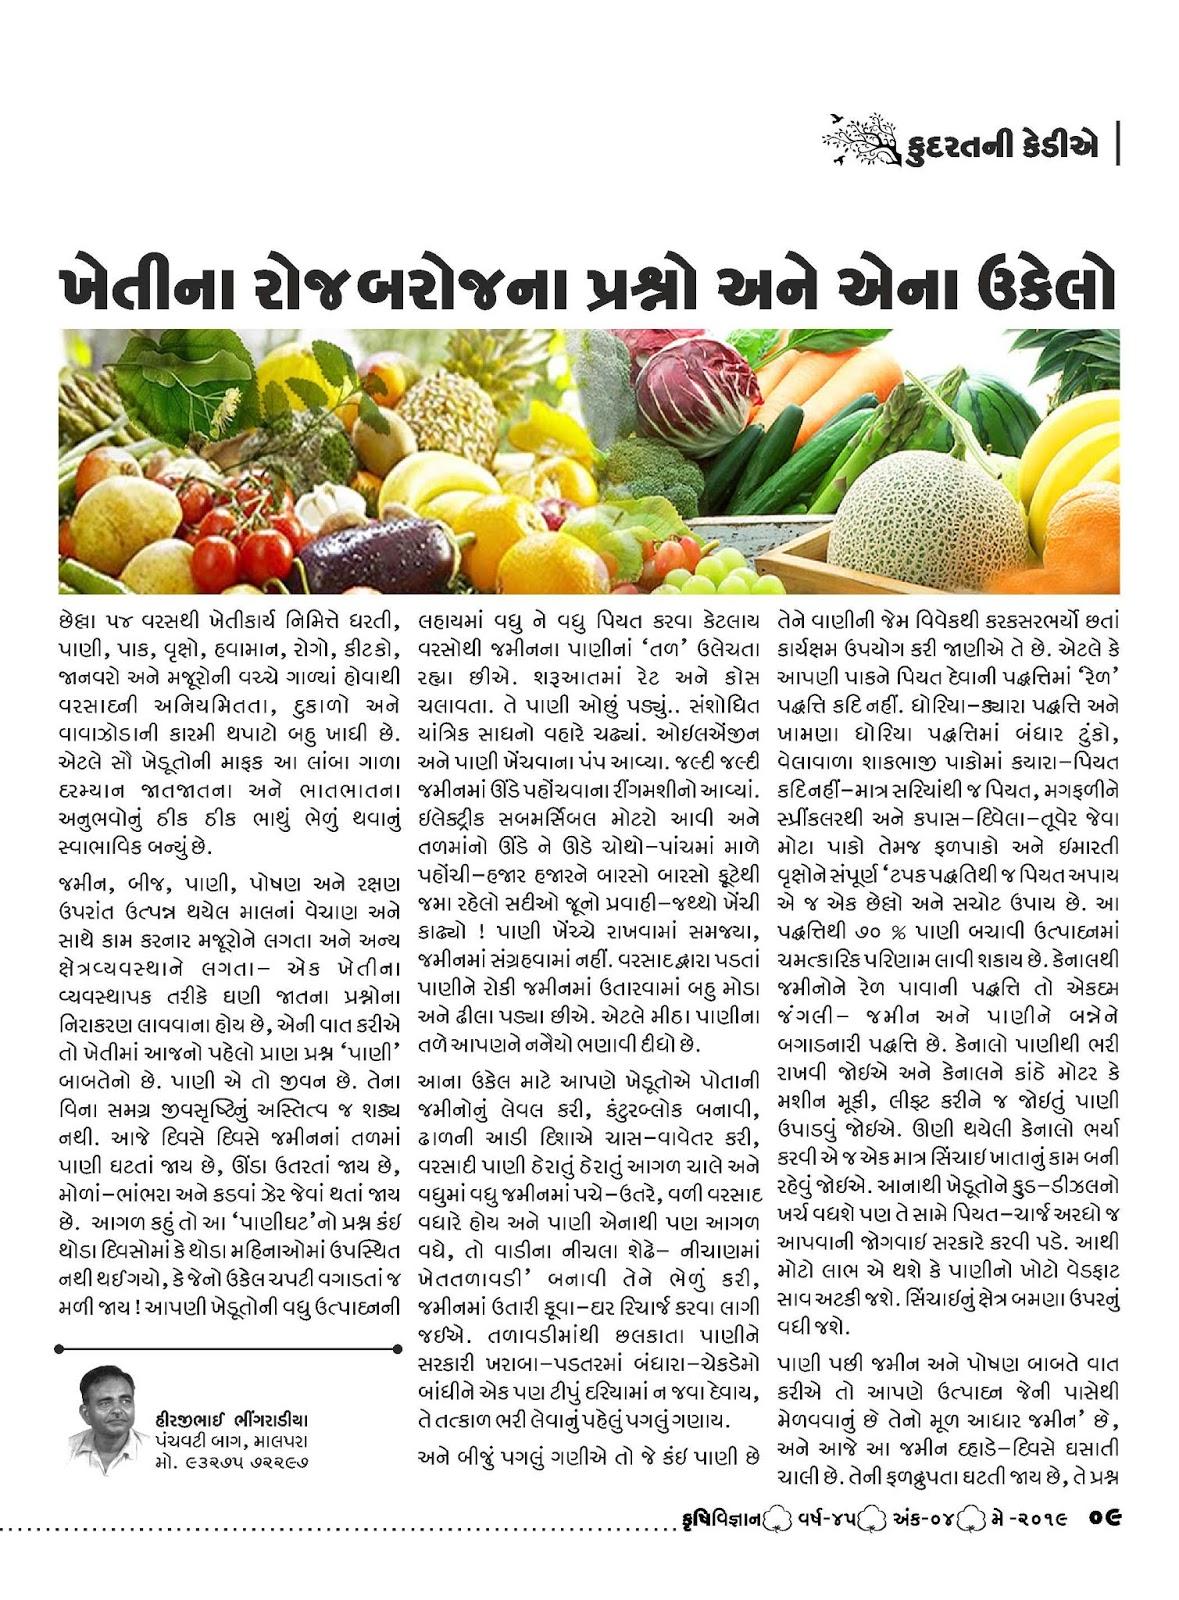 કુદરતની કેડીએ : ખેતીના રોજબરોજના પ્રશ્નો અને એનો ઉકેલો